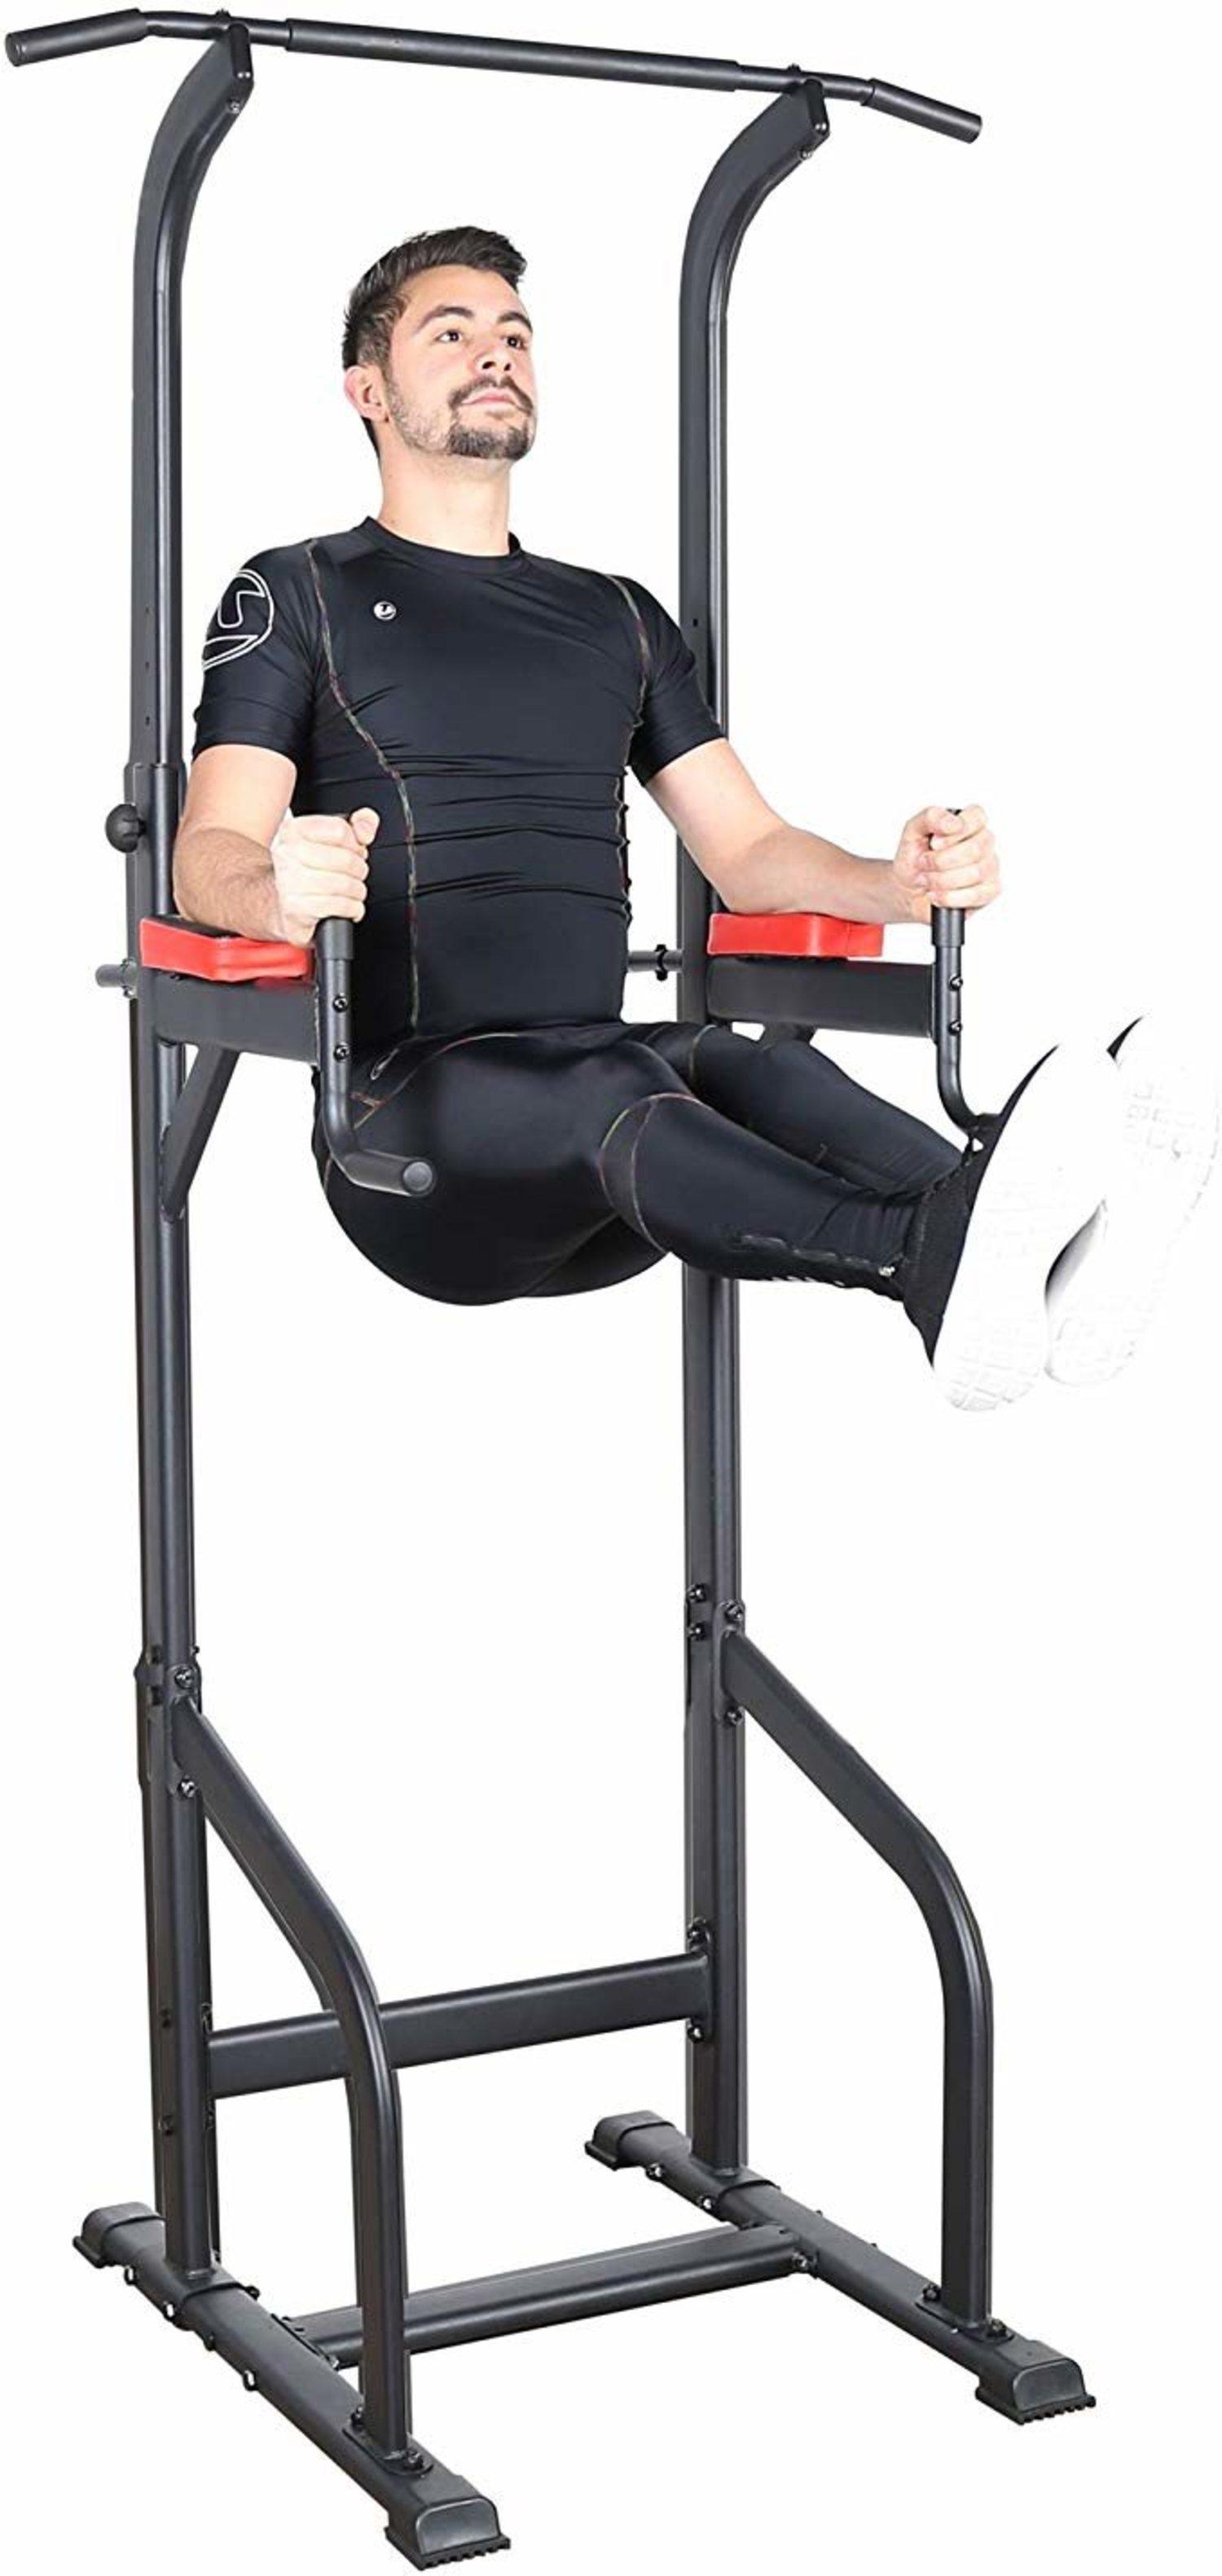 Power Tower de Ultrasport para trabajar todo tu cuerpo en un 'gimnasio en casa'.